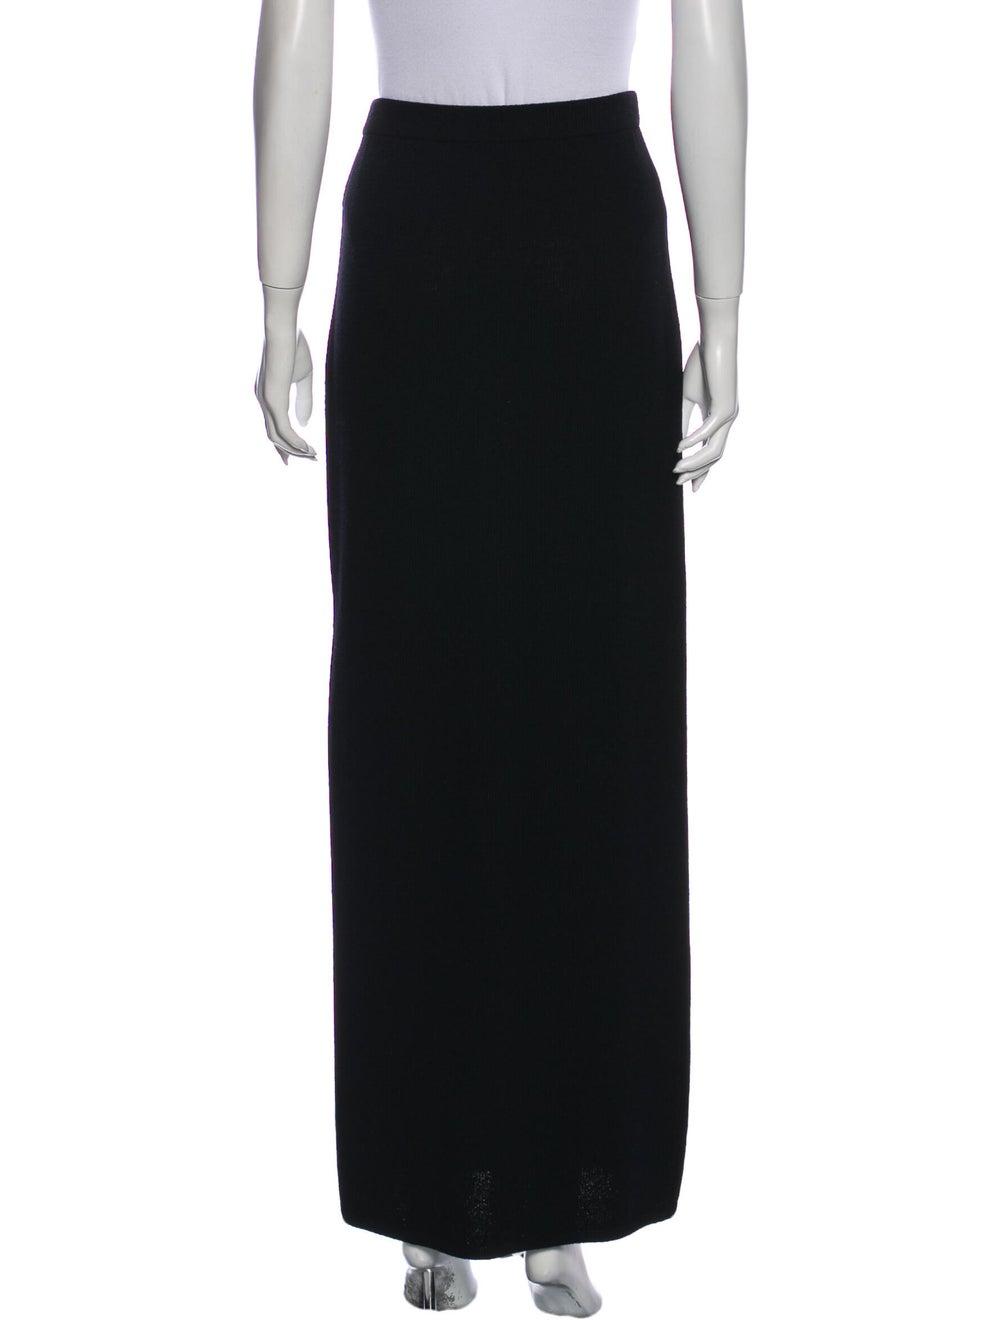 St. John Long Skirt Black - image 3